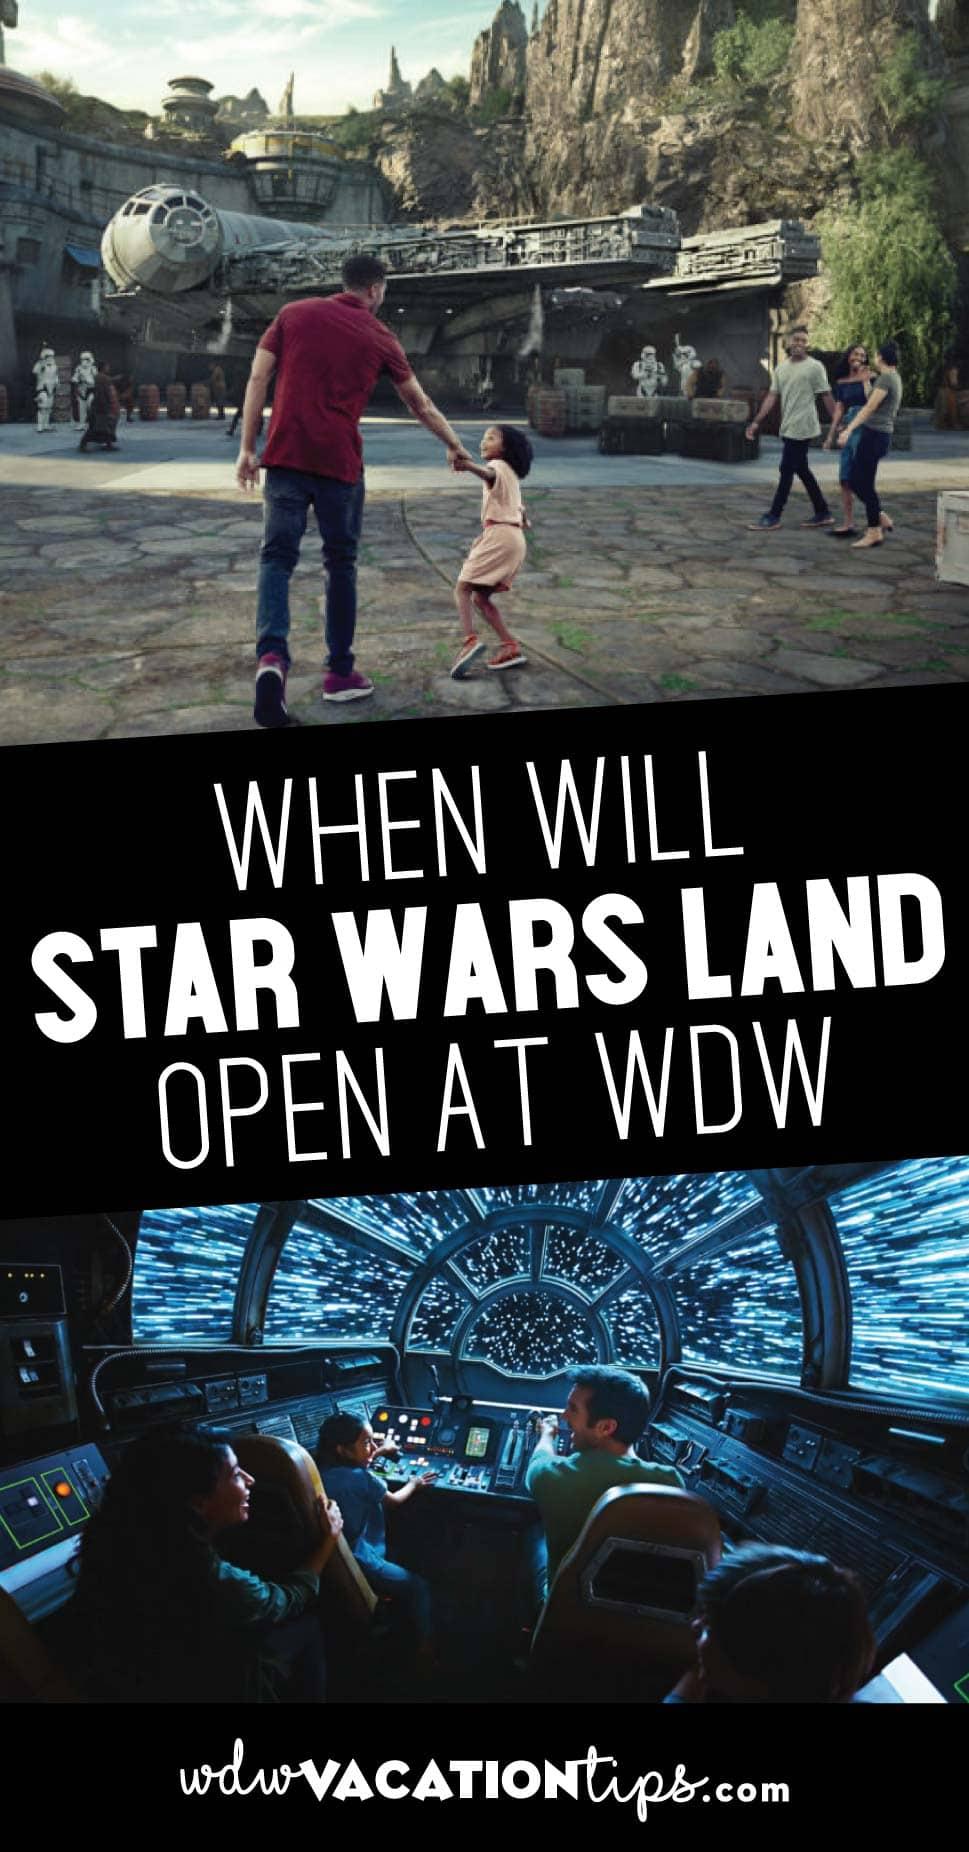 When will star wars land open